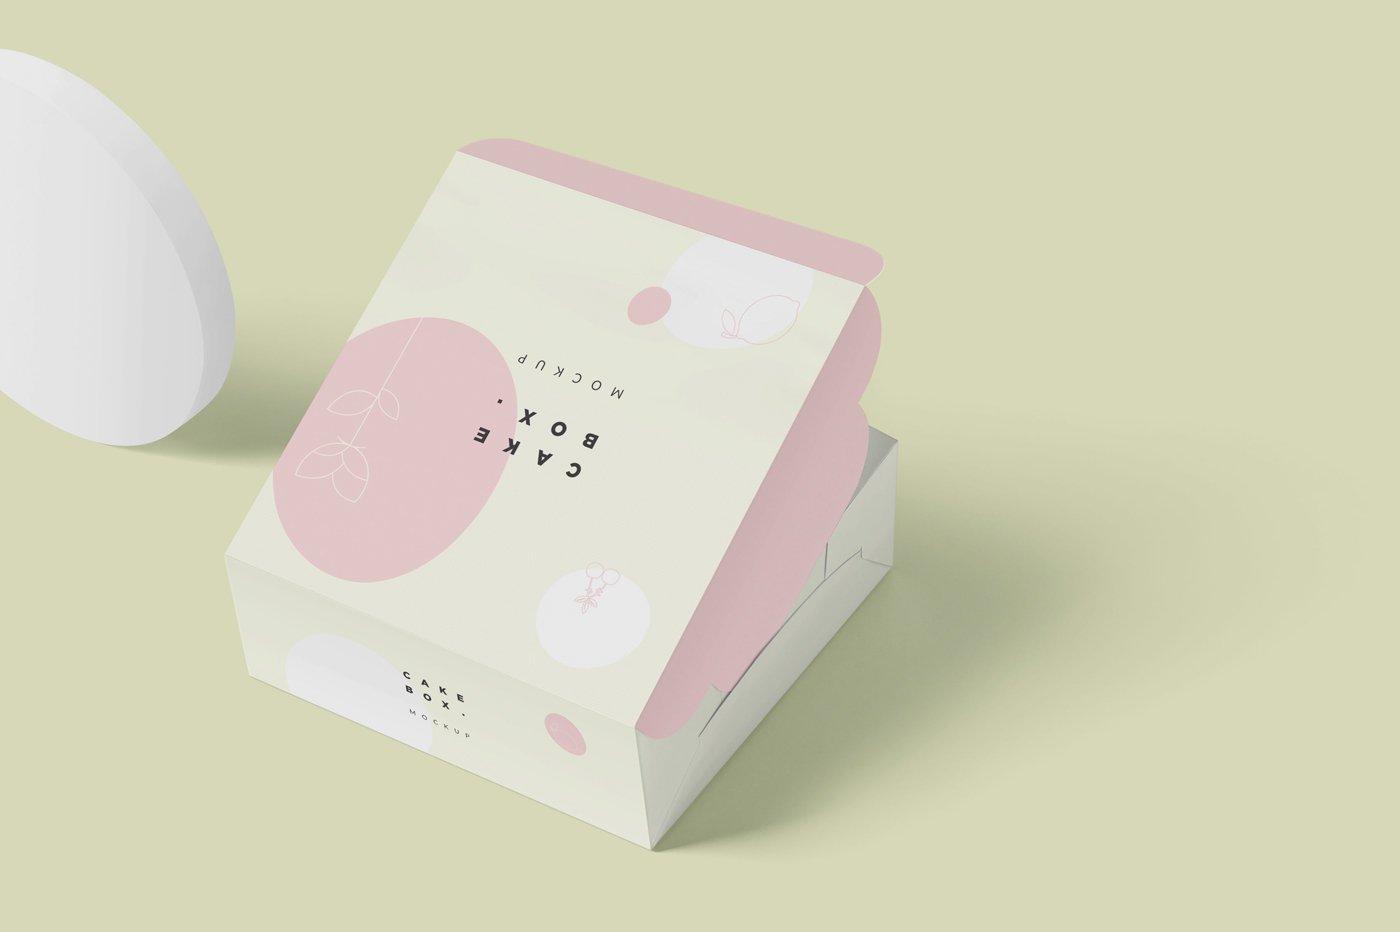 方形蛋糕纸板盒设计展示样机 Large Square Cake Cardboard Box Mockups插图